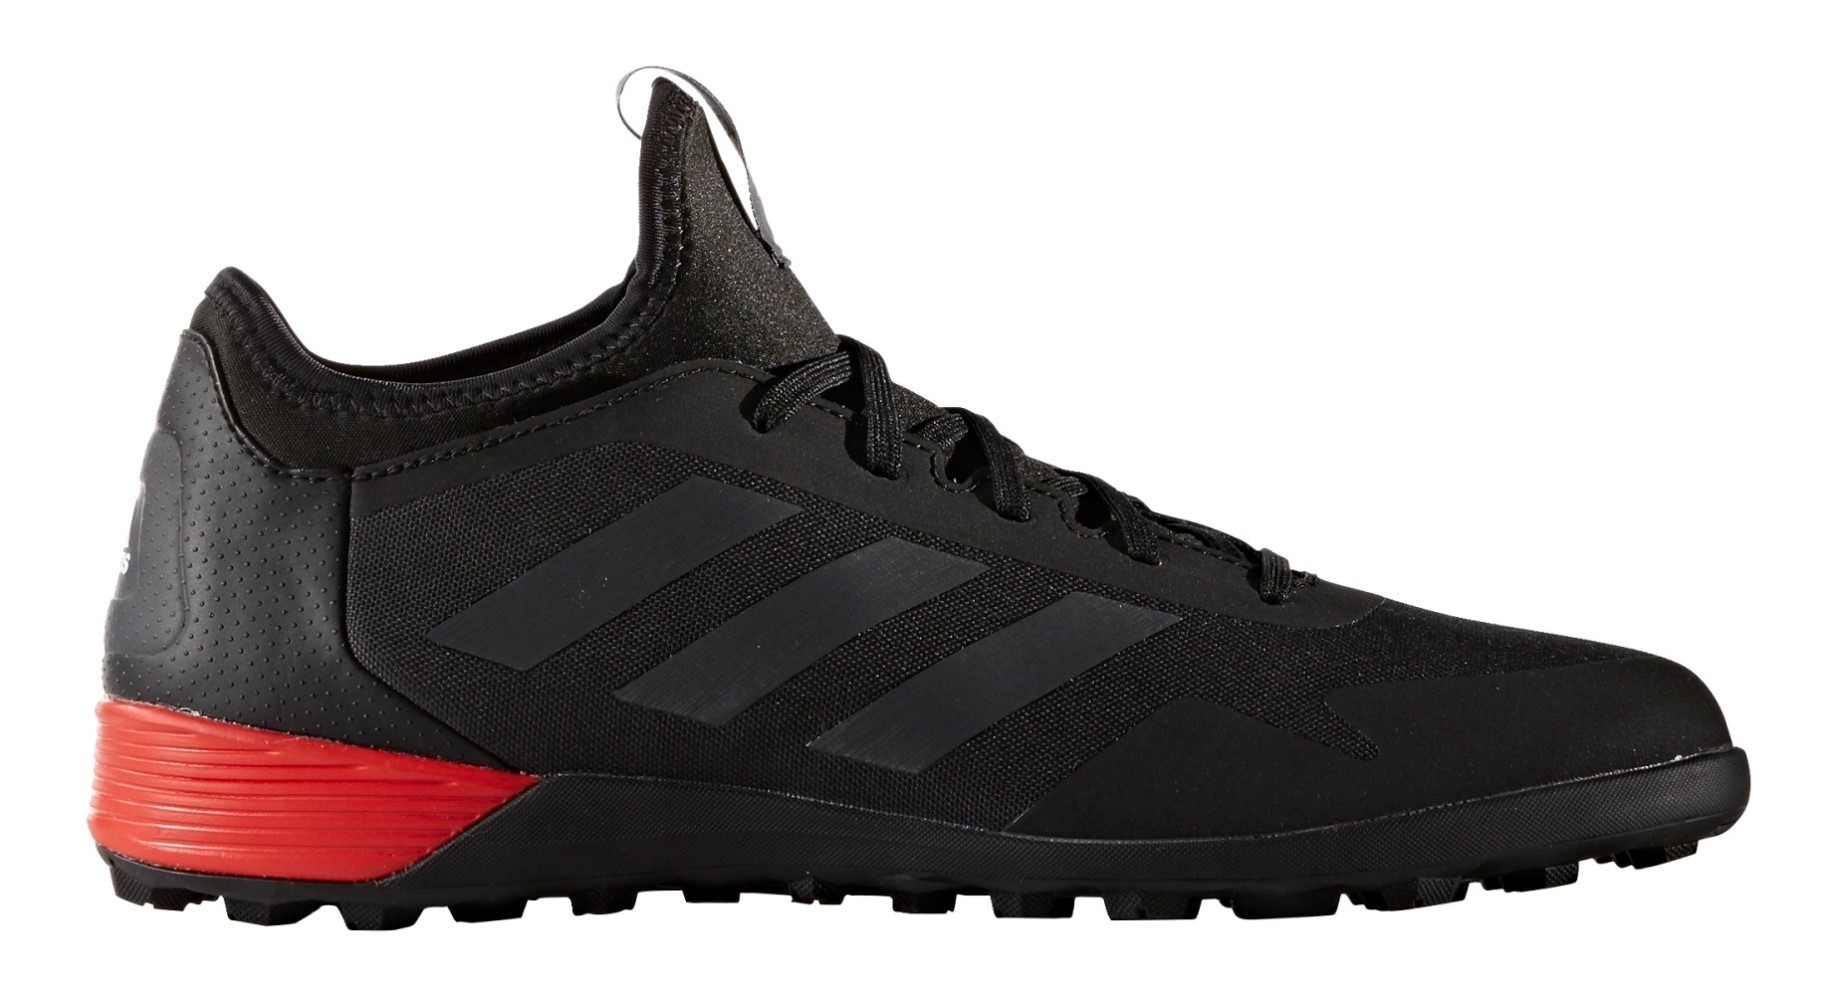 huge selection of 8e141 92e4b Zapatos de Fútbol Adidas Ace Tango 17.2 TF colore negro rojo - Adidas -  SportIT.com